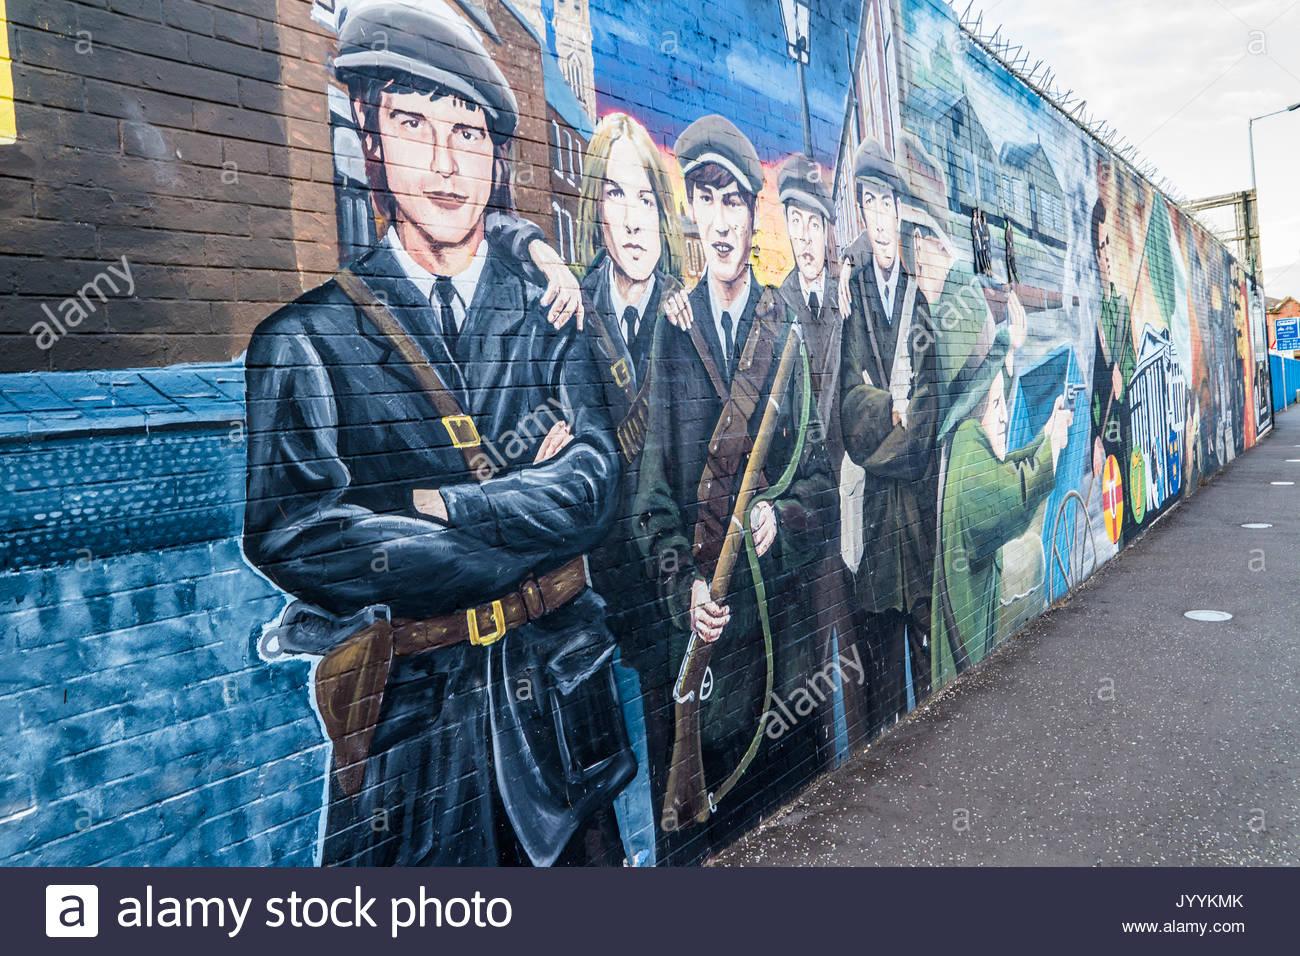 Belfast murals stock photos belfast murals stock images for Mural northern ireland